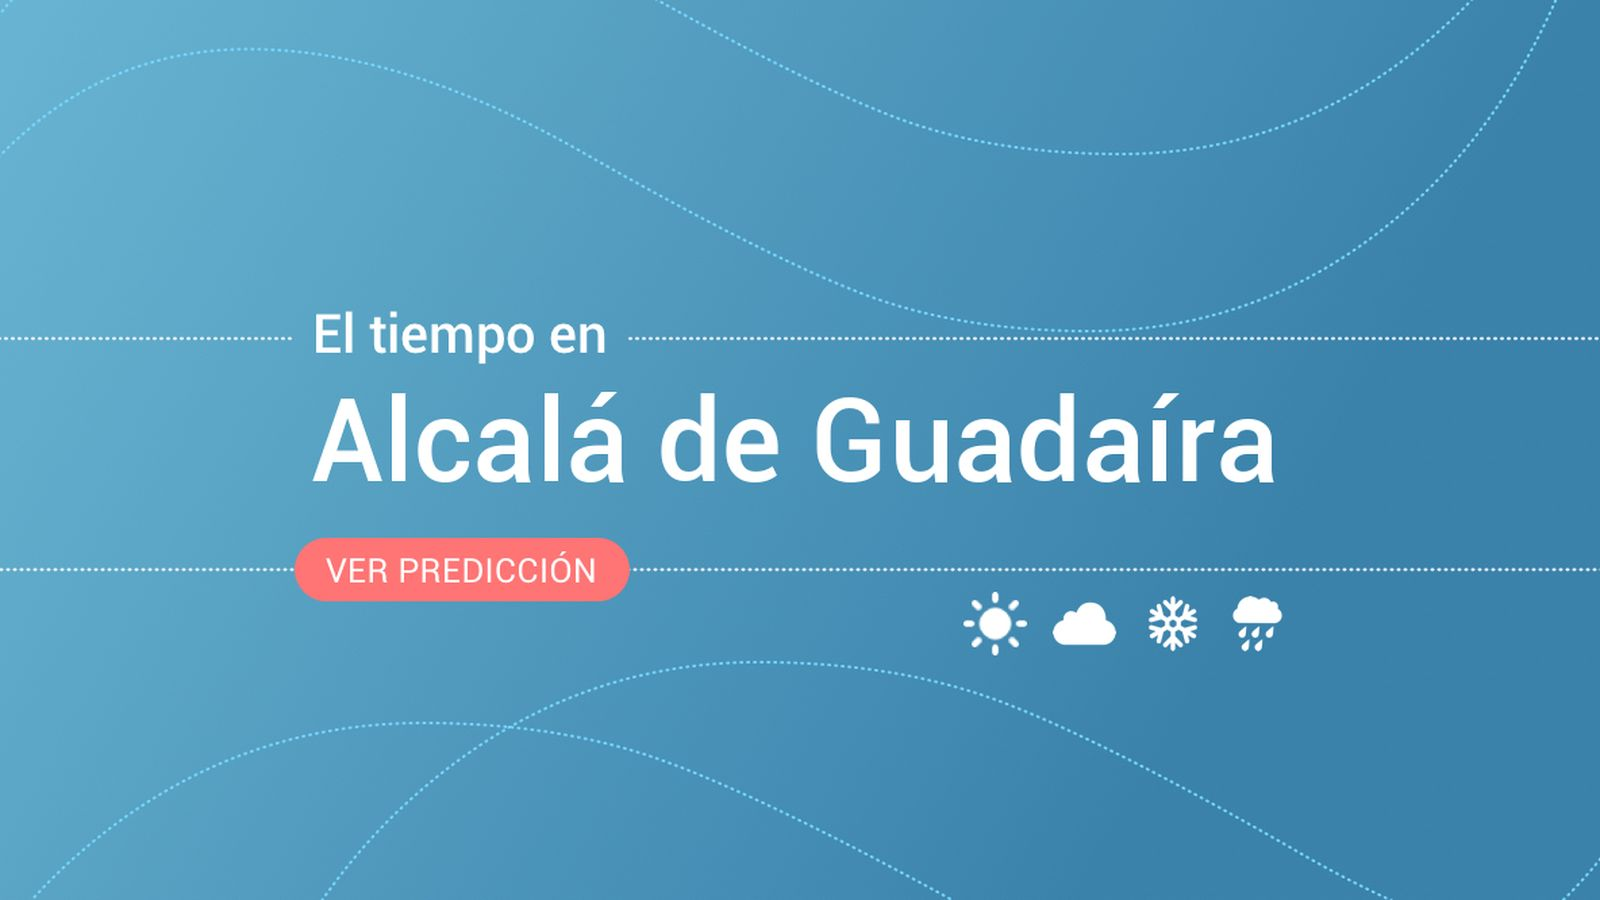 Foto: El tiempo en Alcalá de Guadaíra. (EC)